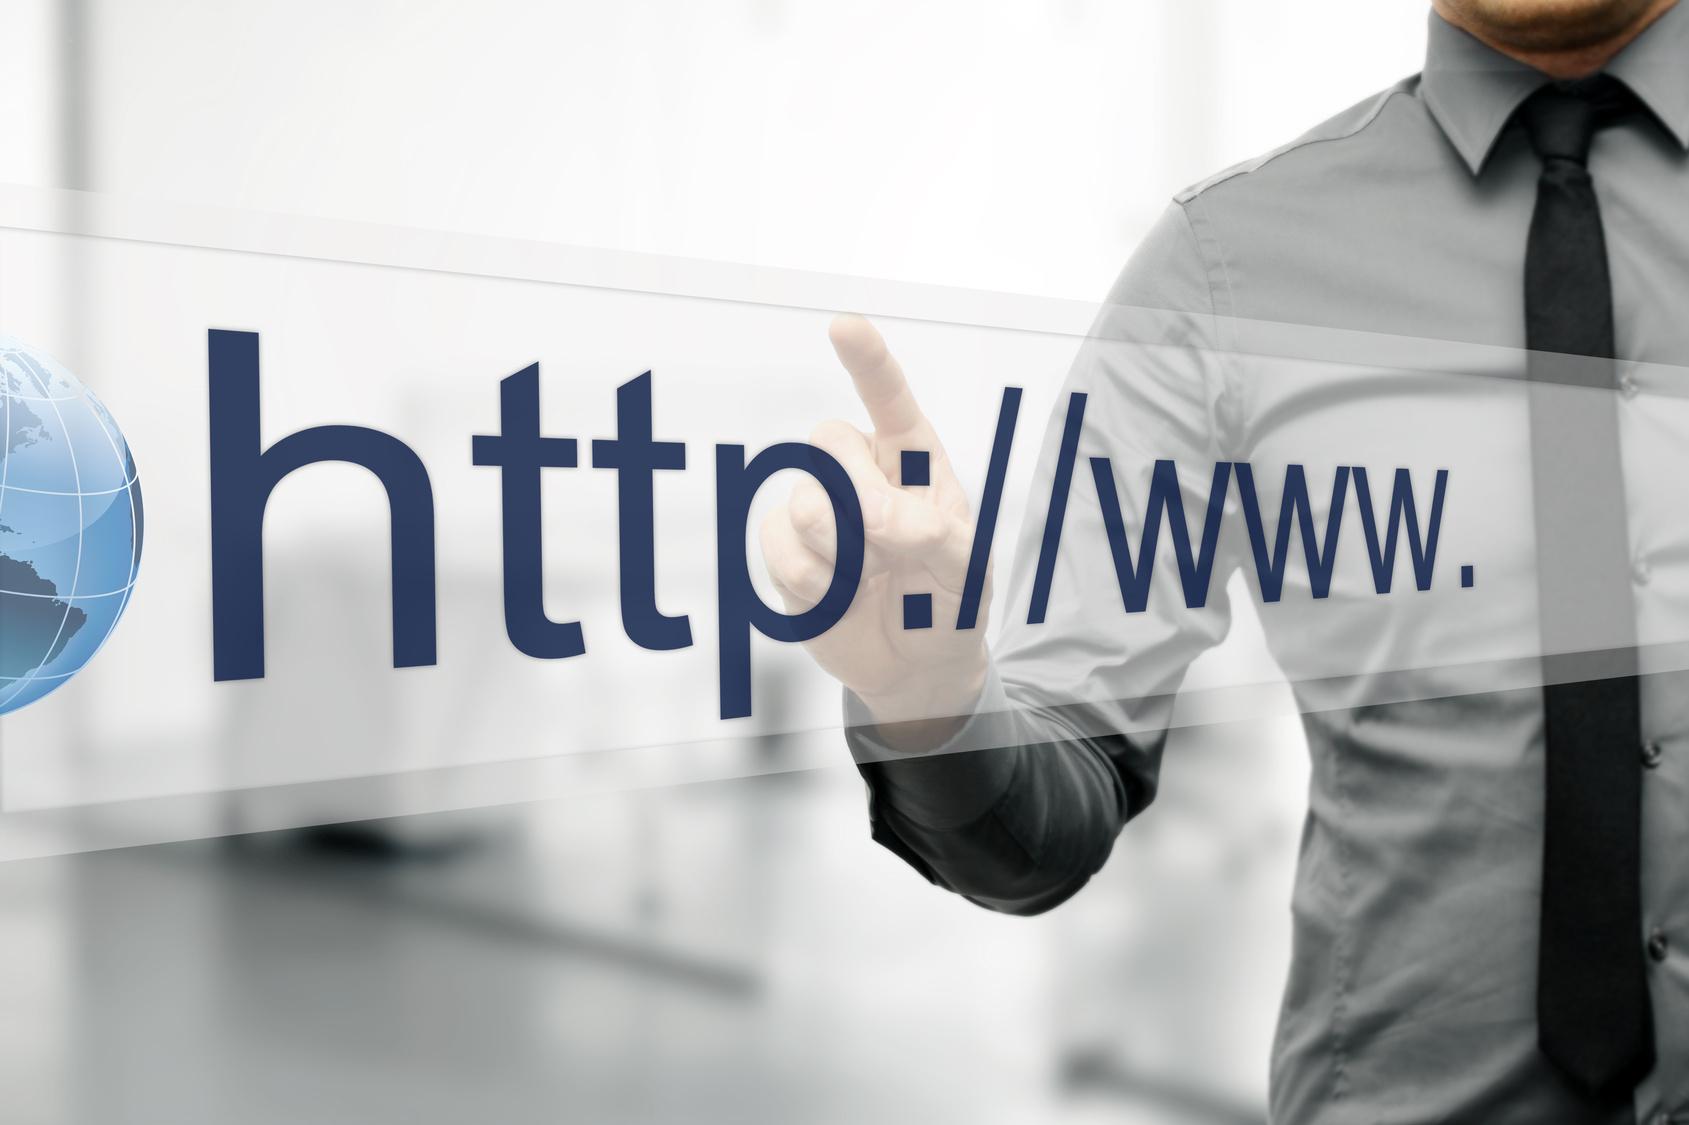 En mayo se celebra la duodécima edición del Día de Internet